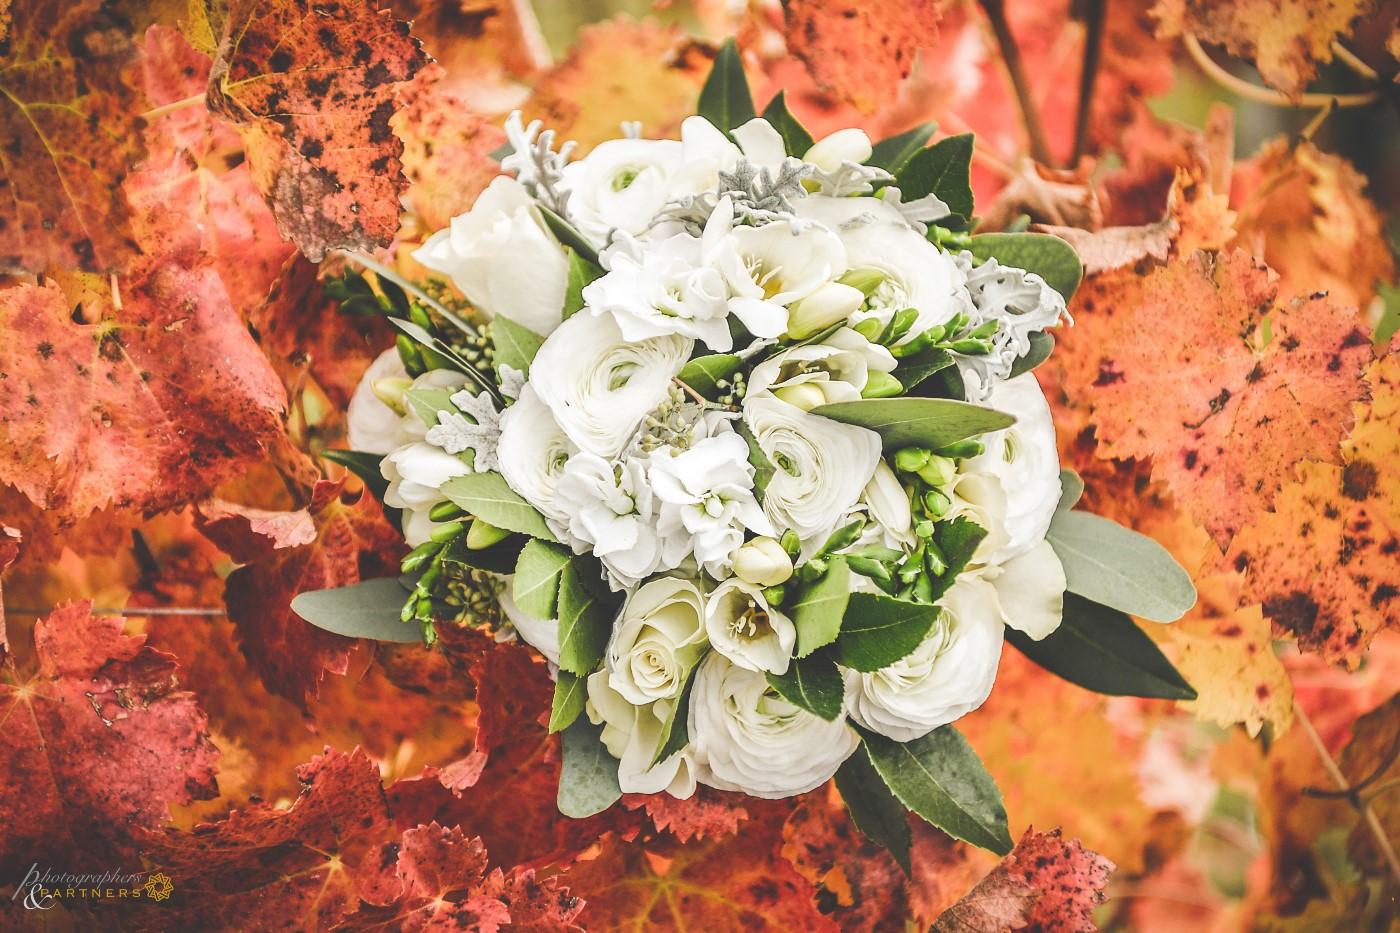 The bride's bouquet 💐